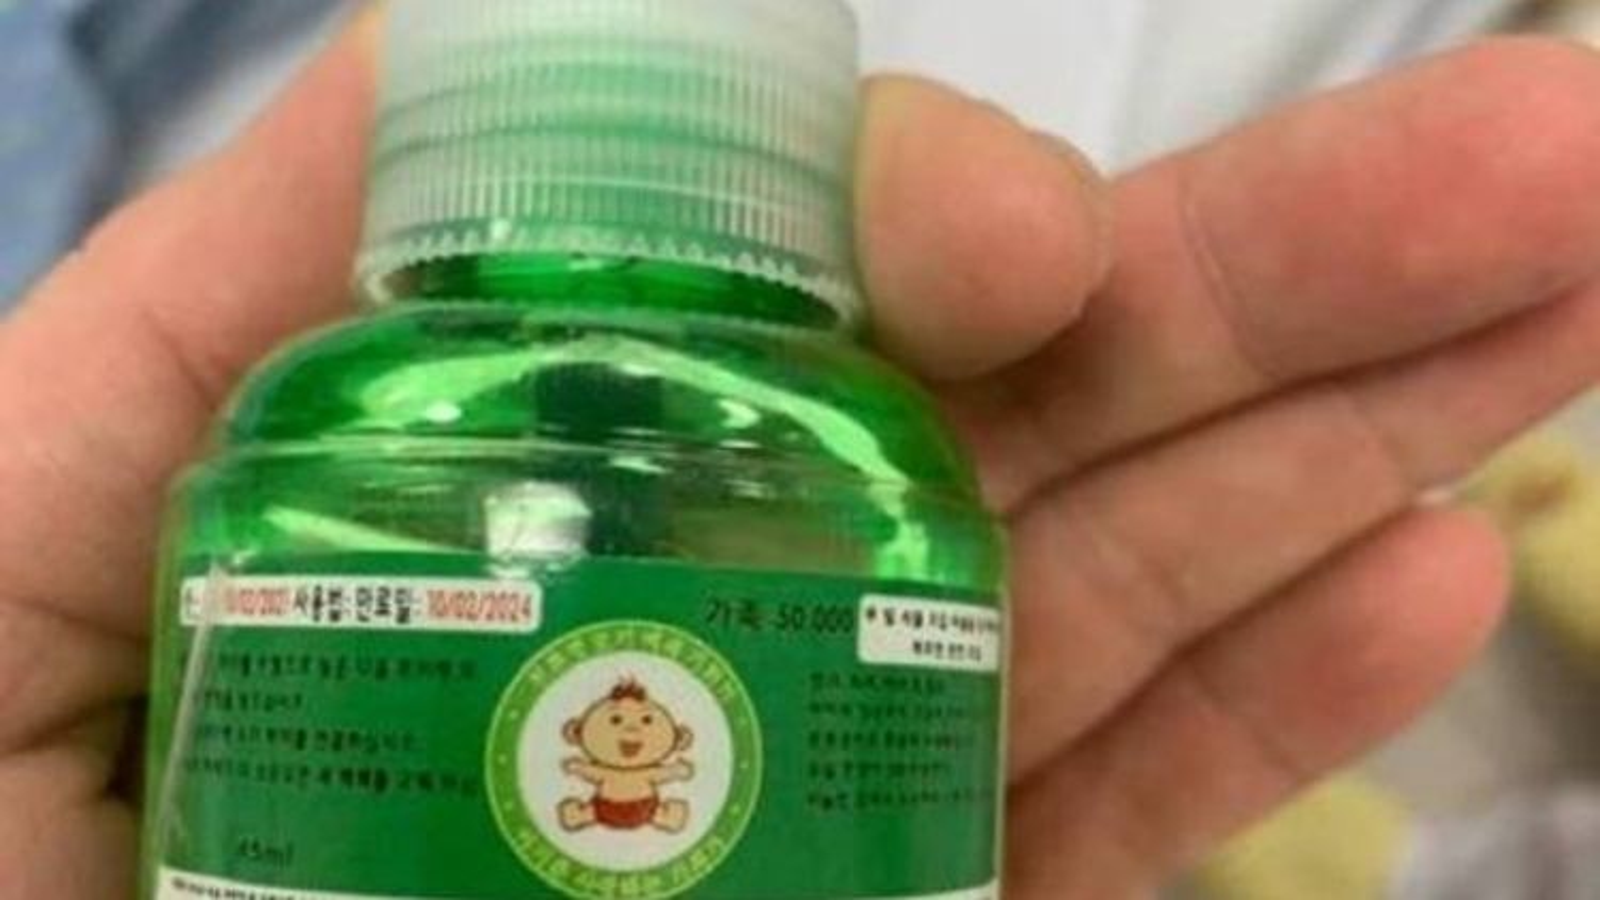 Tinh dầu đuổi muỗi khiến 4 người ở Hoà Bình nhập viện chứa thuốc trừ sâu